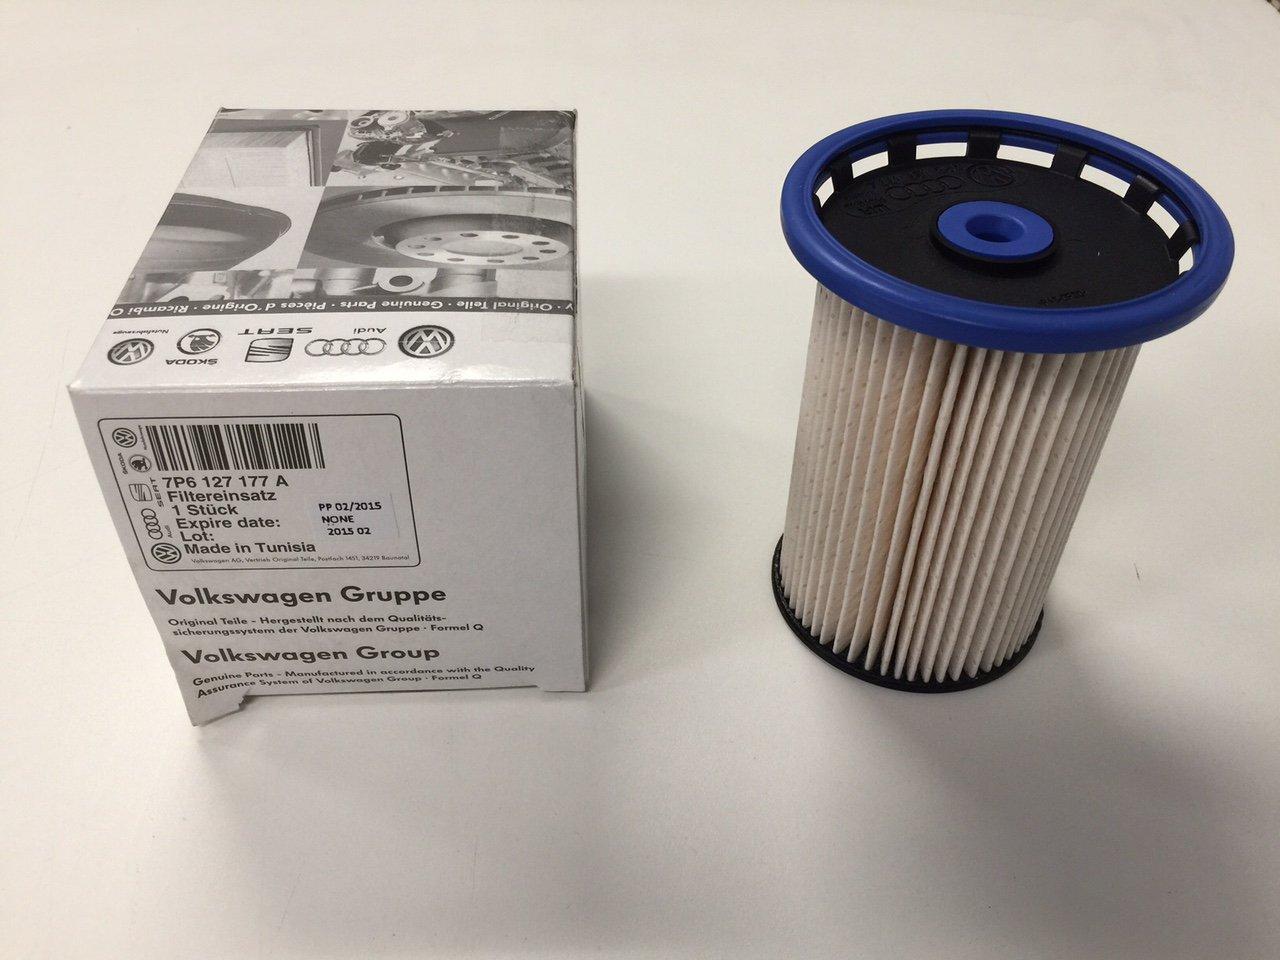 Filter Element With Gasket Vw Touareg 7p5 7p6 7p6127177a Fuel Mann Wk 11030 Automotive